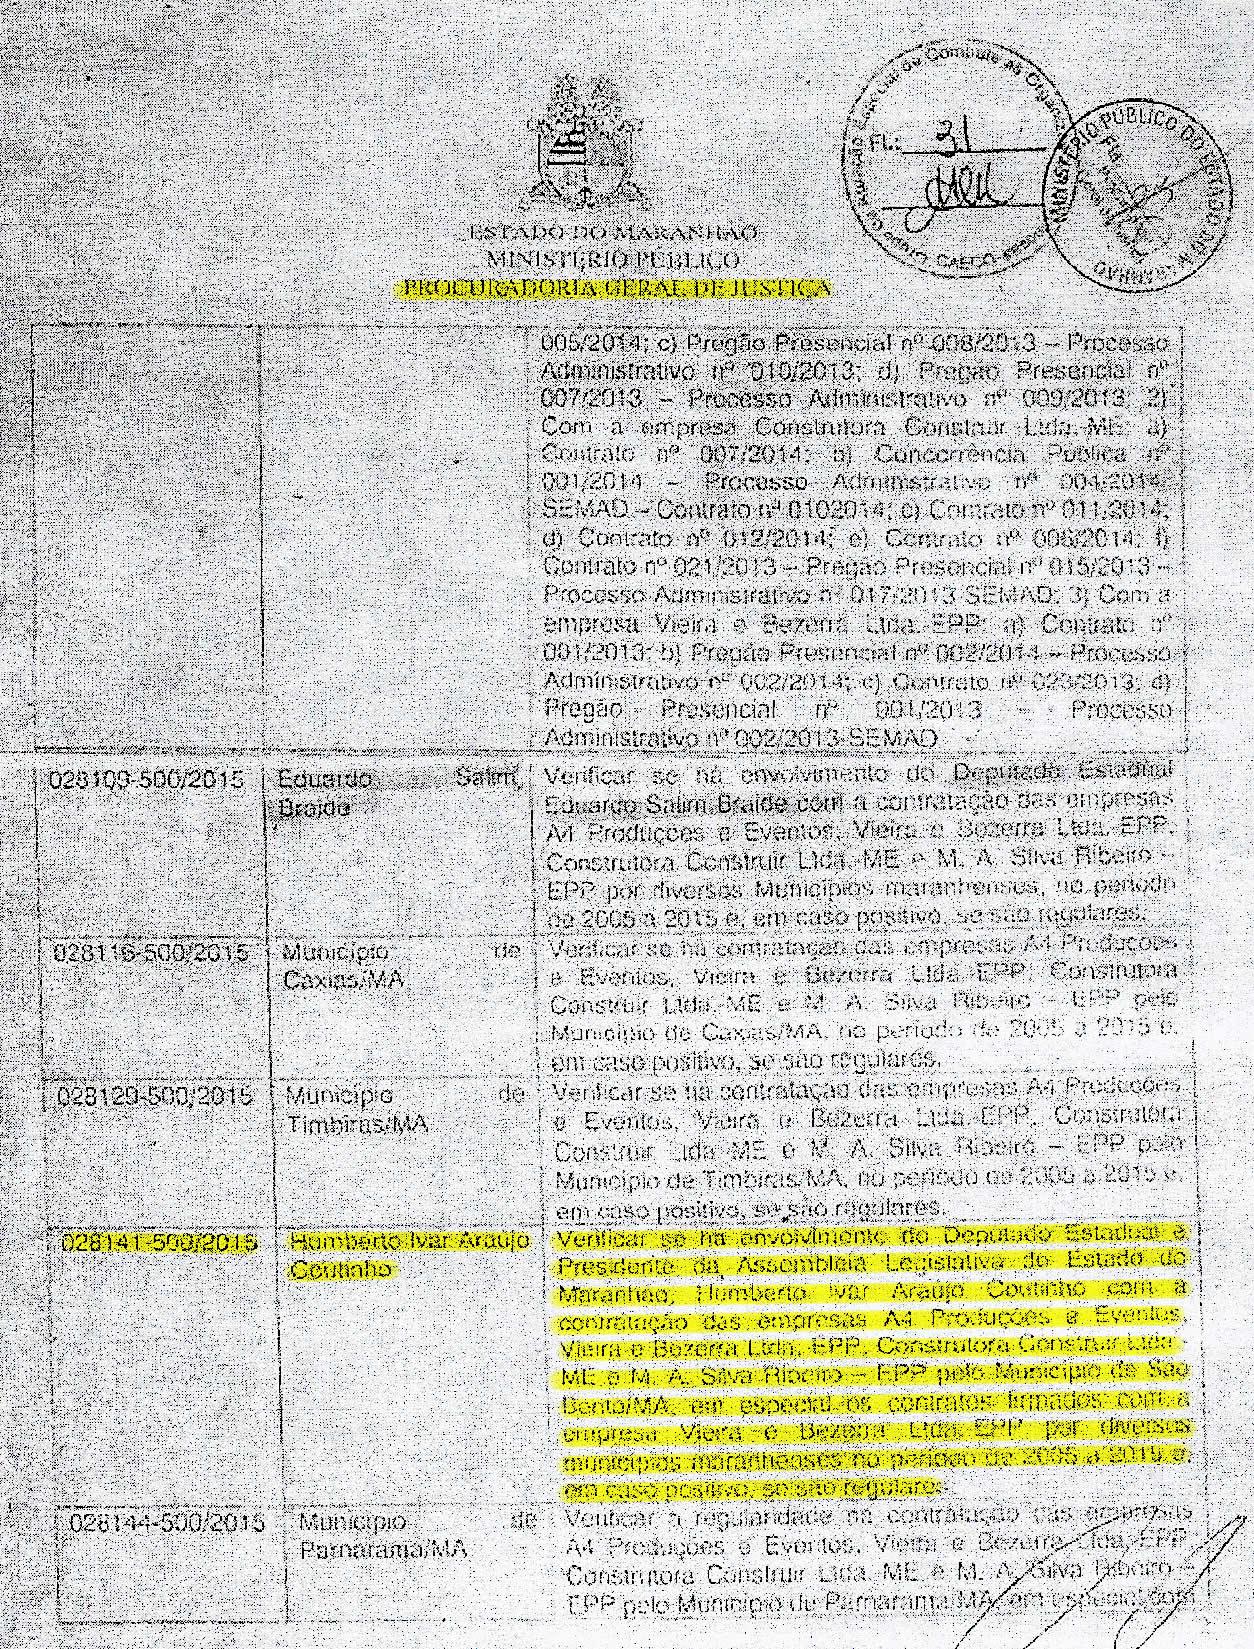 Documento da PGJ que pede a abertura de investigação contra o deputado estadual Humberto Coutinho